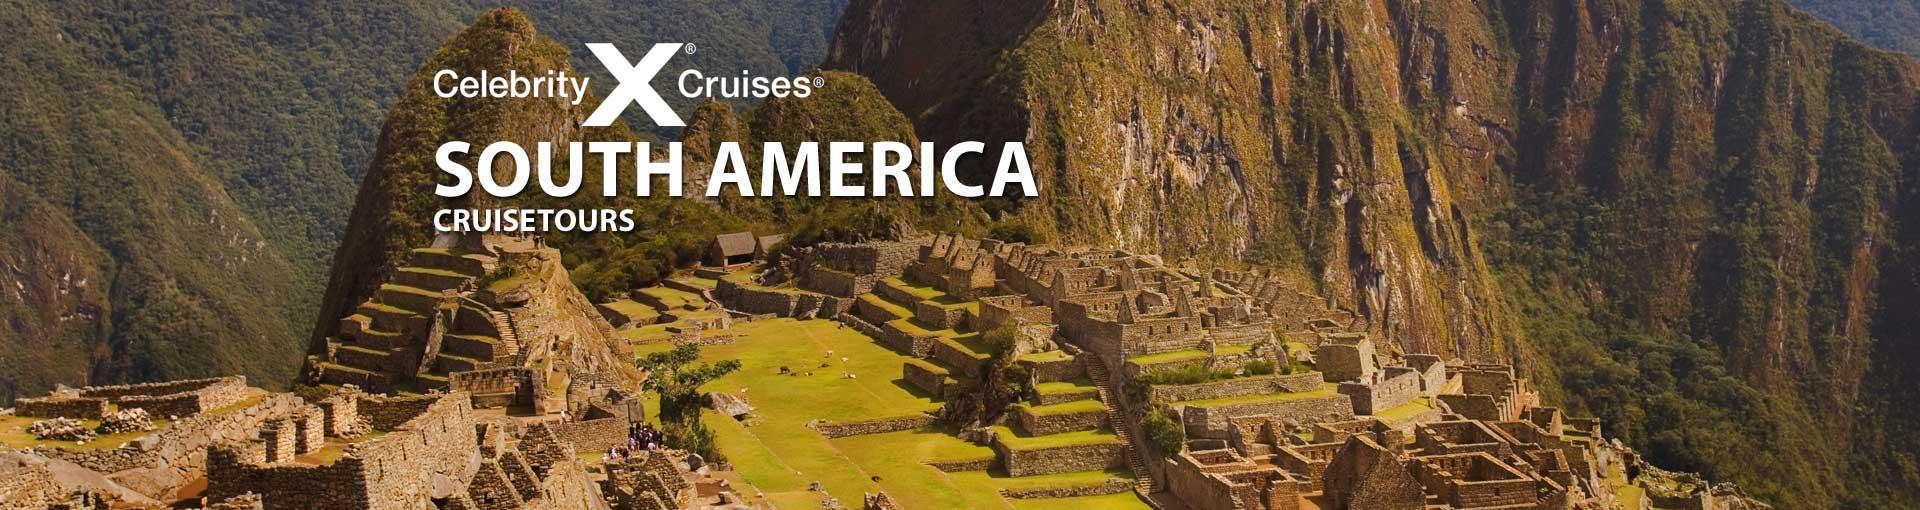 Celebrity Cruises South America Cruisetours